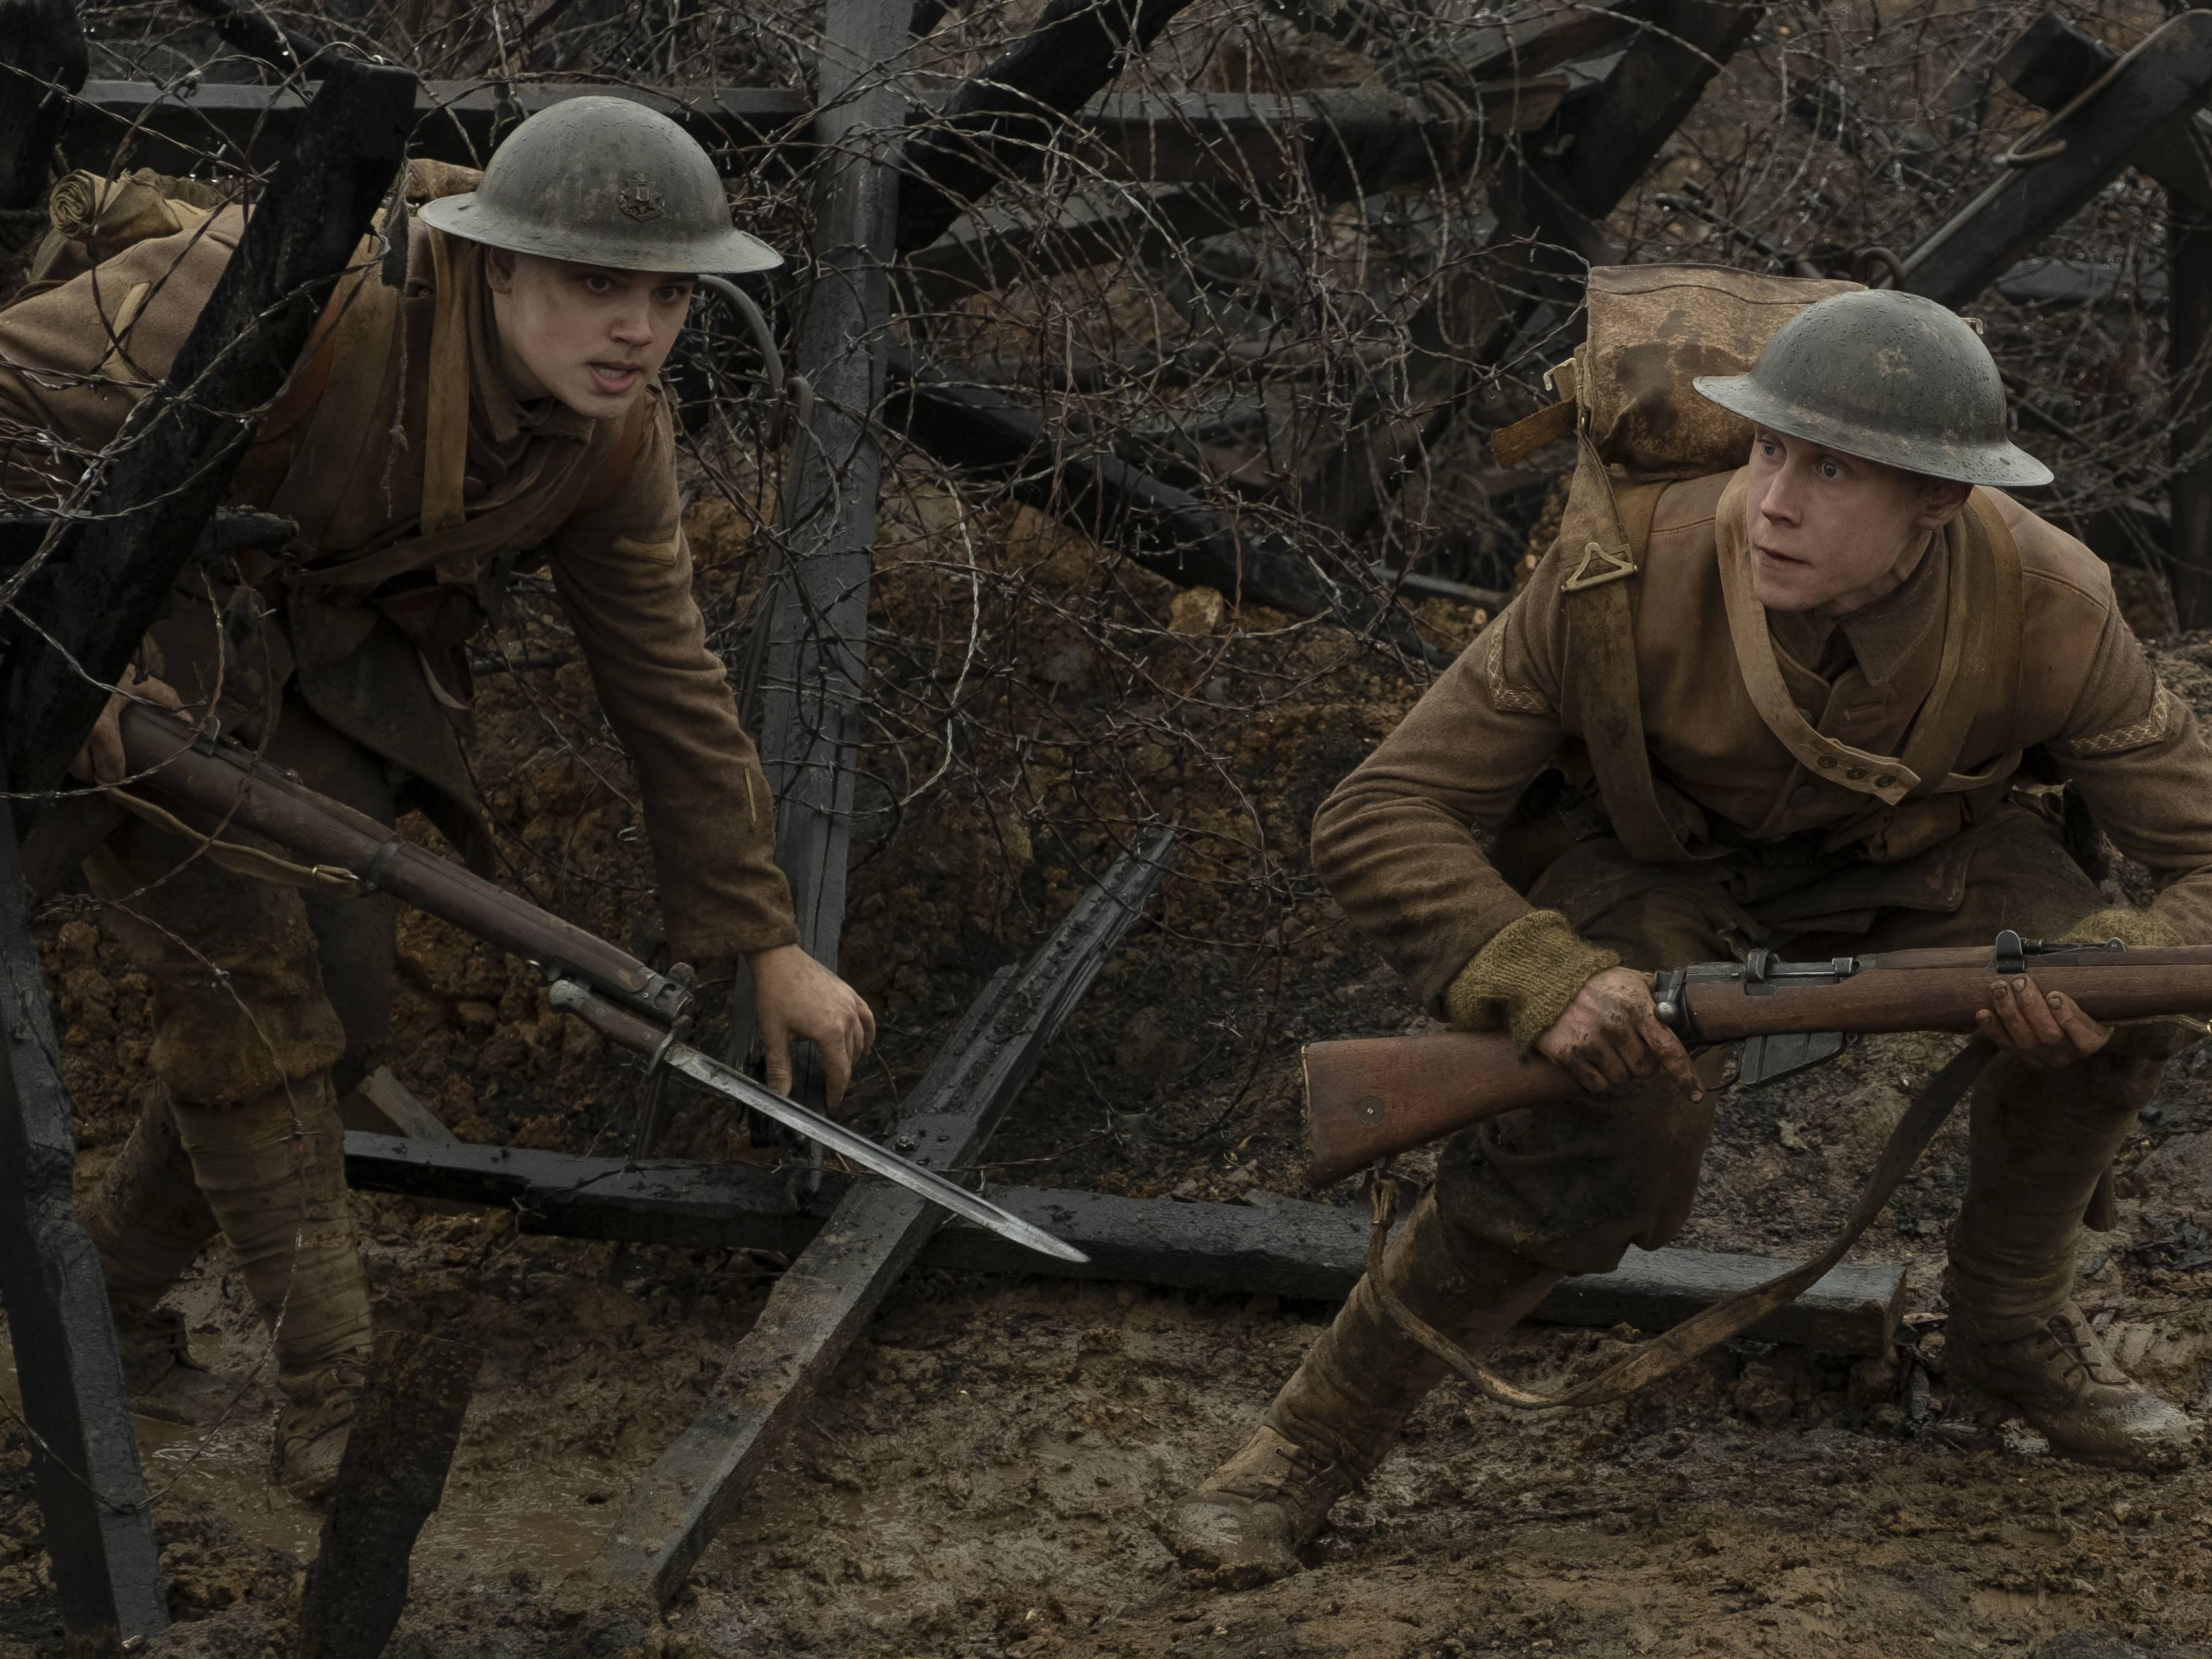 Crítica: 1917 mostra Primeira Guerra em tomada única